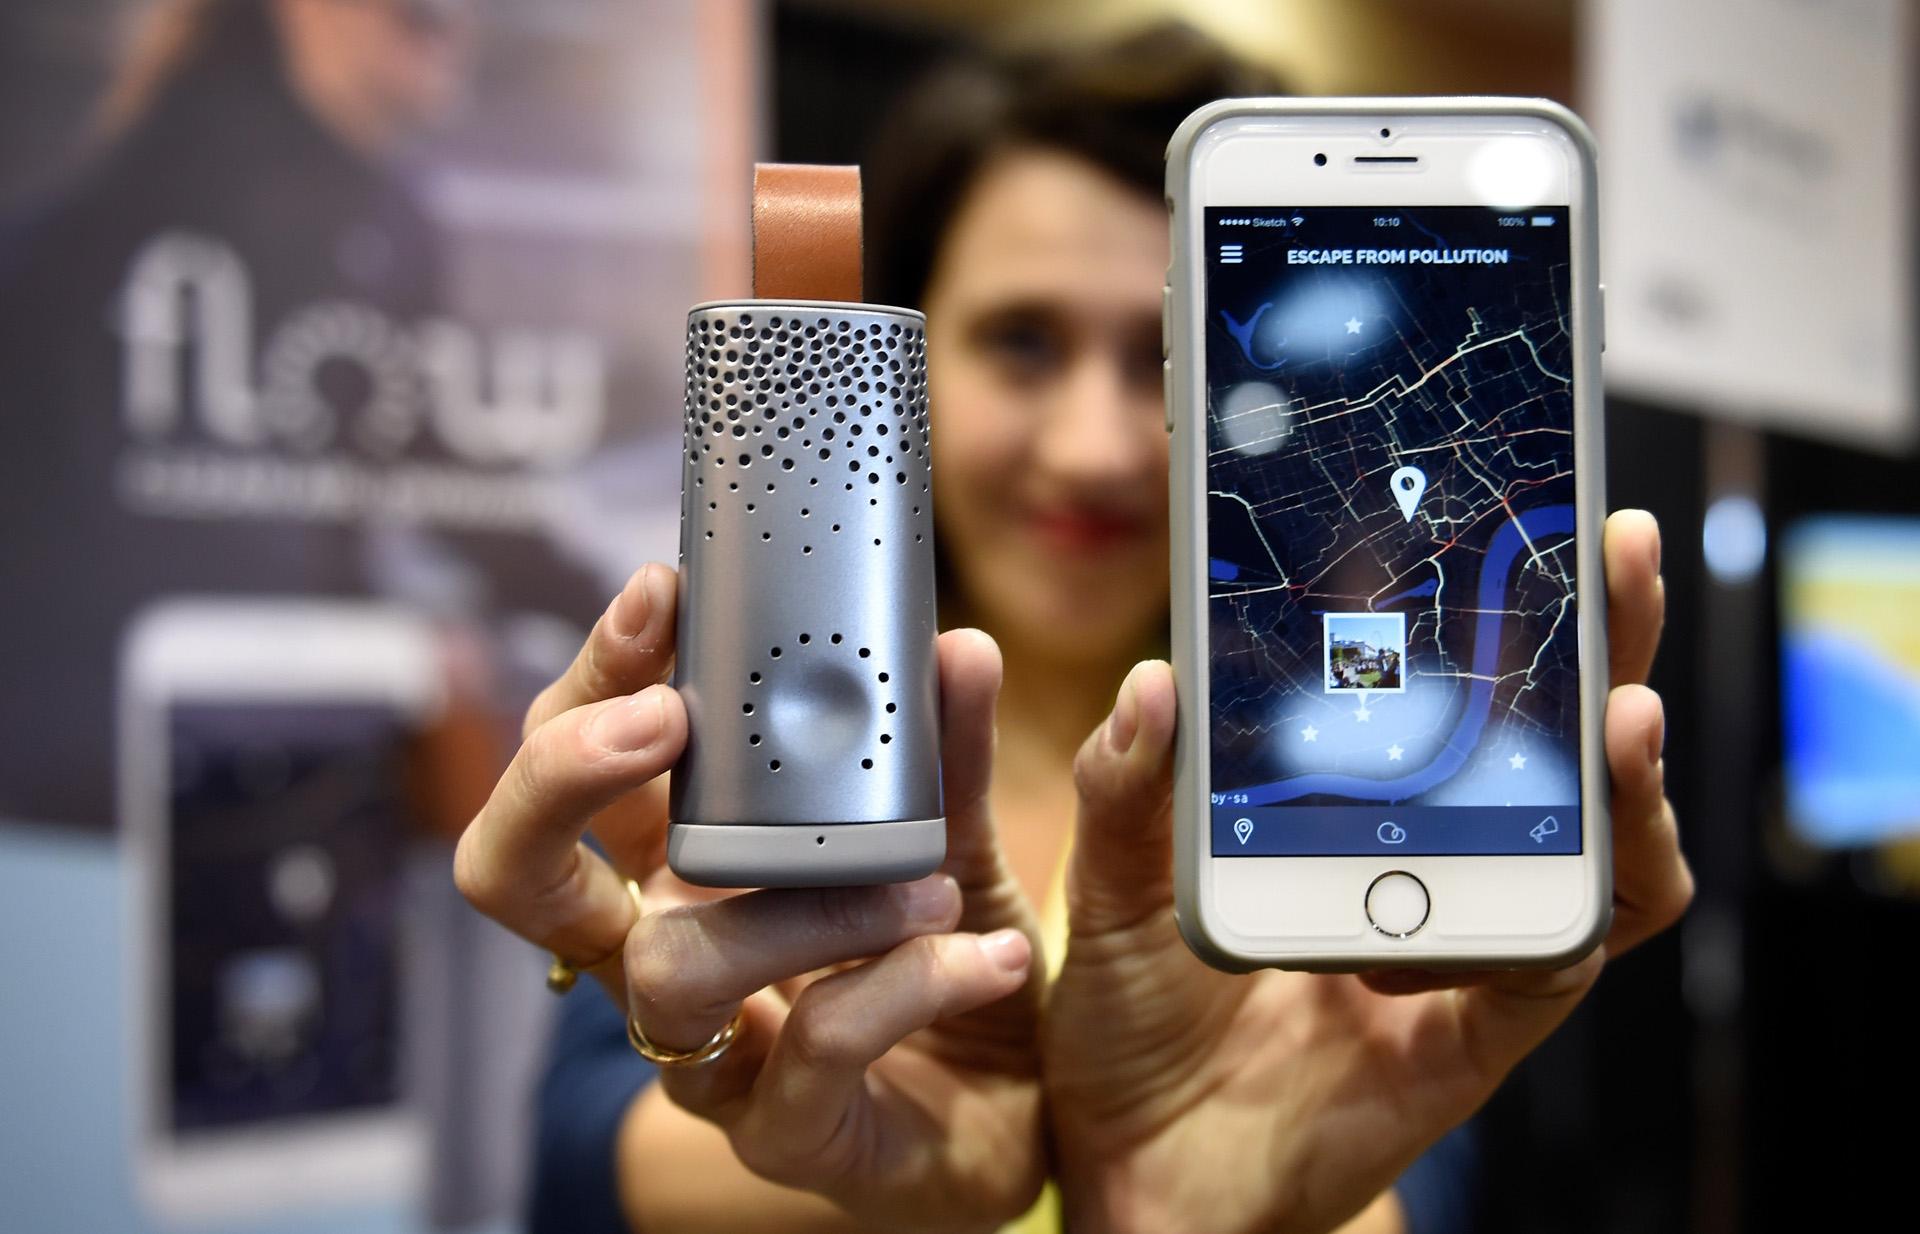 Flow, un sensor de aire inteligente que se maneja desde el celular por medio de una aplicación (David Becker/Getty Images/AFP)